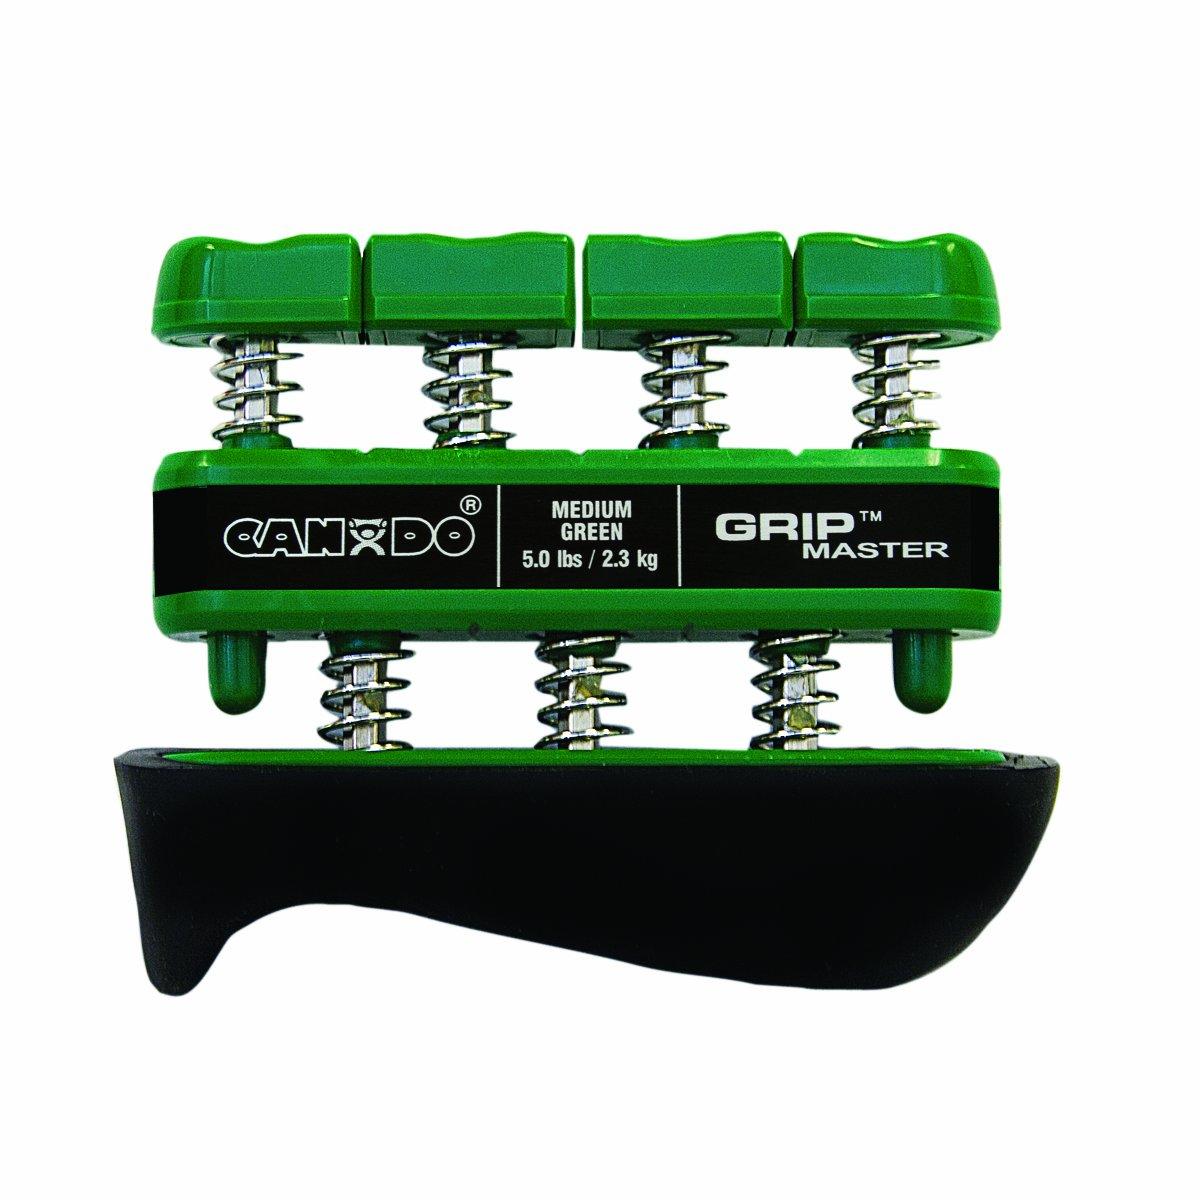 CanDo GripMaster Hand Exerciser, Green, Medium Tension